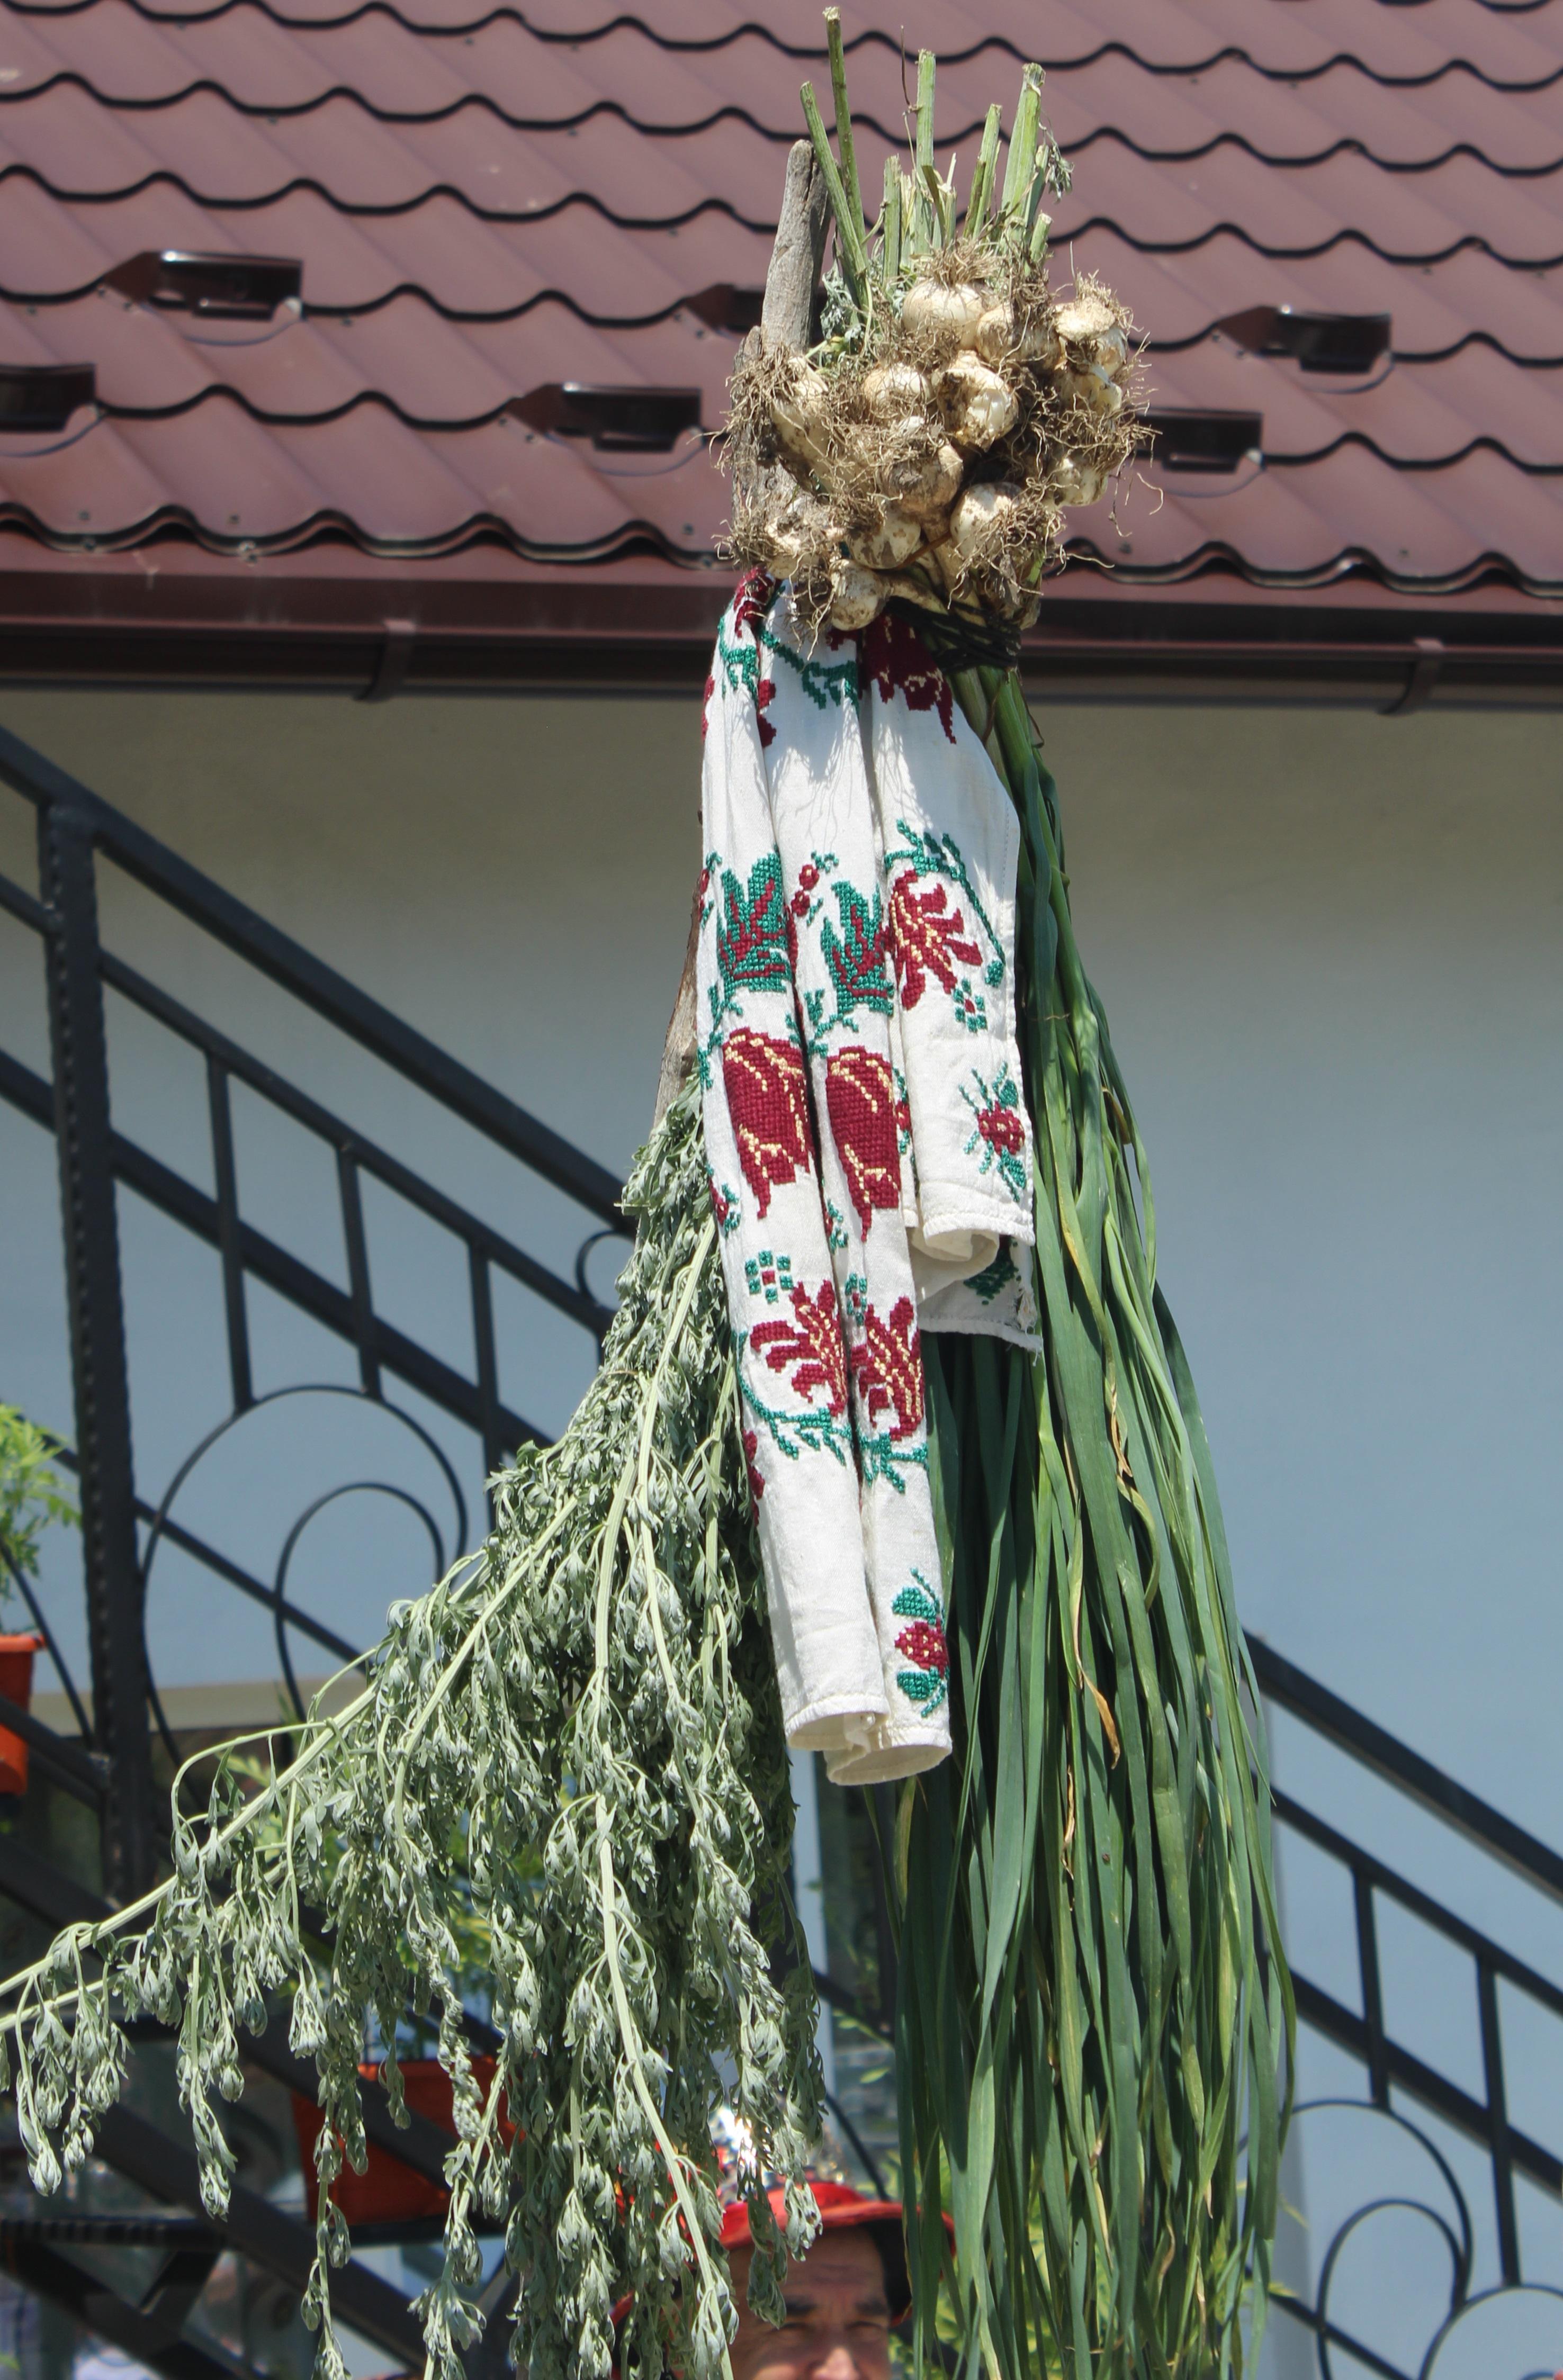 Vârful împodobit al steagului Călușarilor din Costești, Argeș